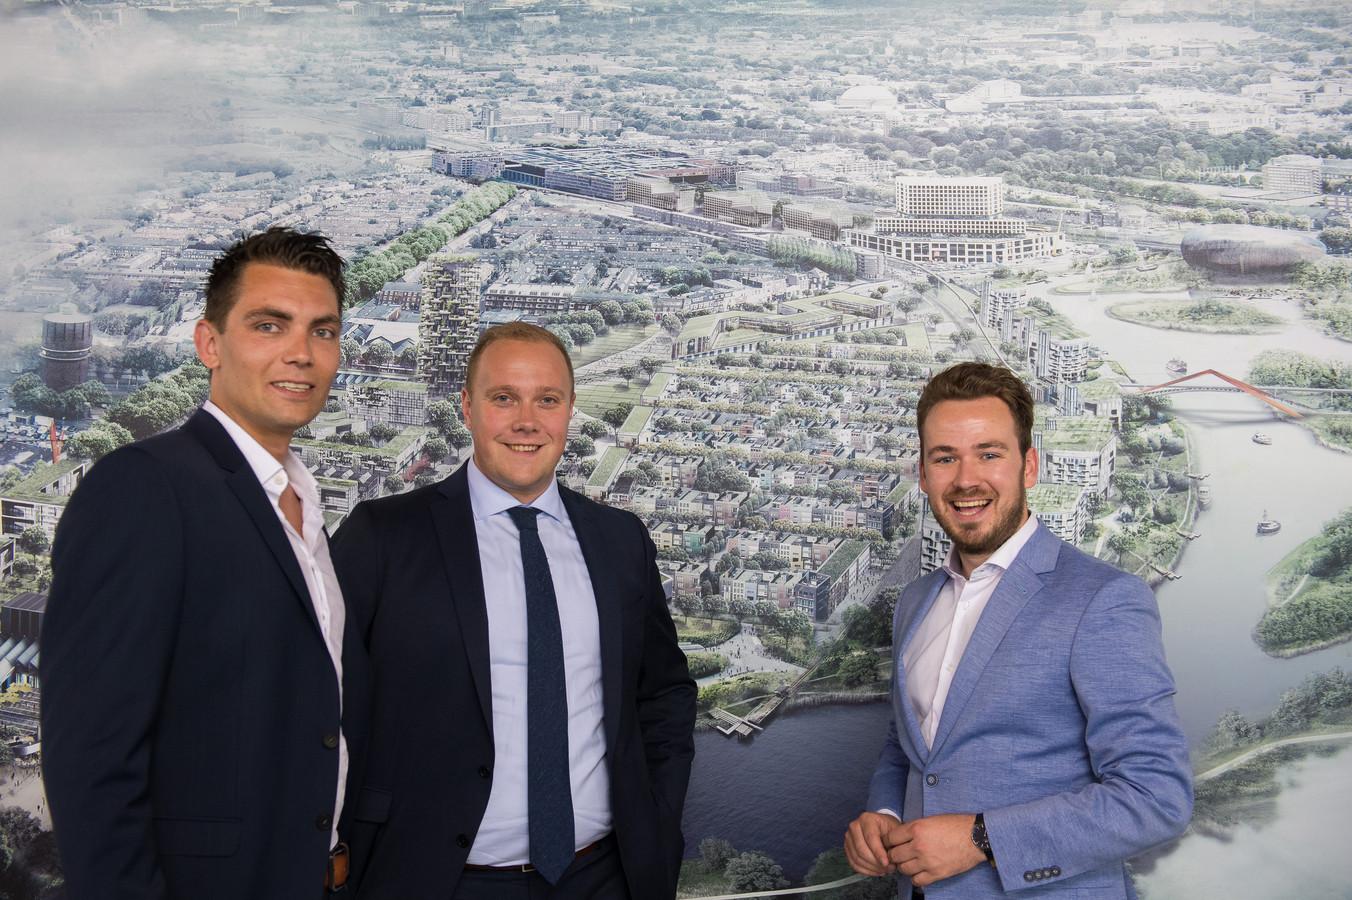 Vlnr Tim van het Hof (D66), Thierry Aartsen (VVD) en Arjen van Drunen (PvdA).